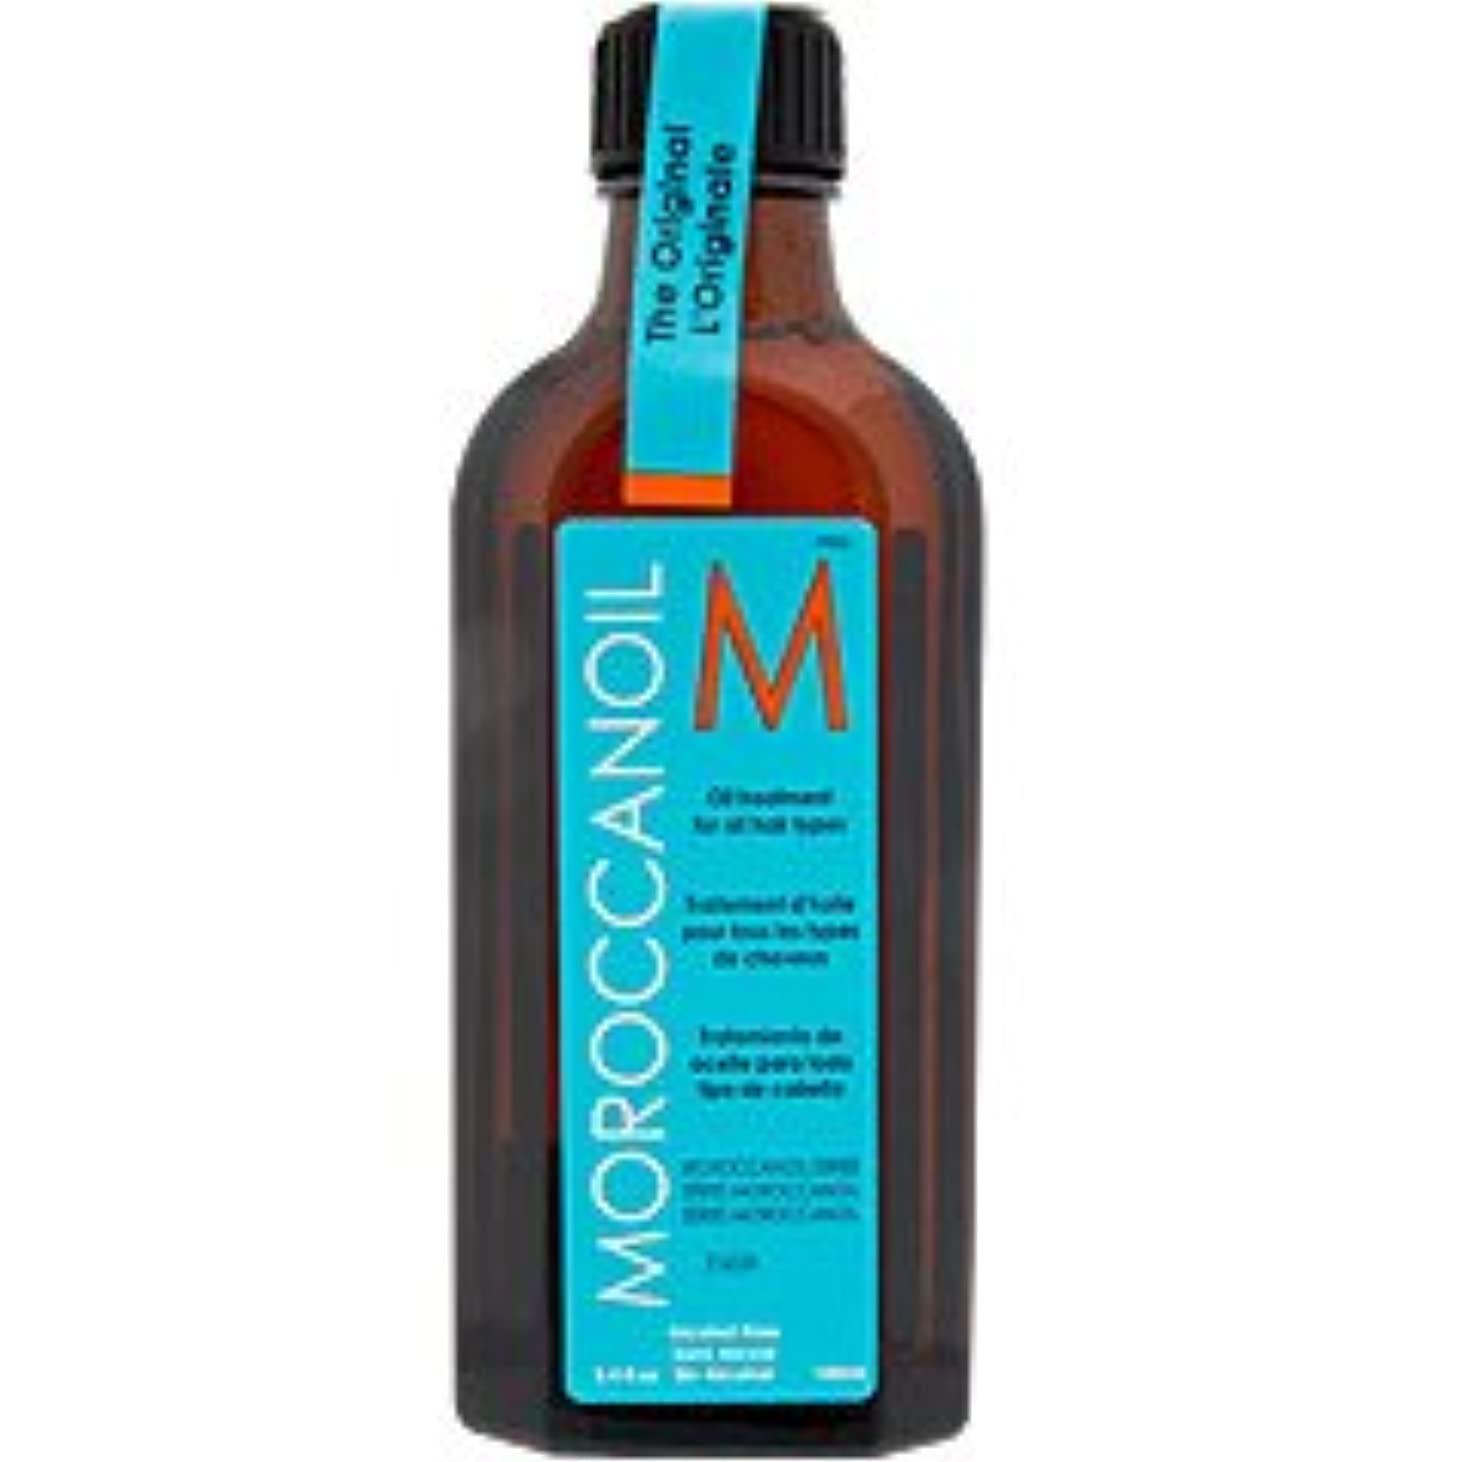 熱基礎傾向モロッカンオイル(MOROCCANOIL) モロッカンオイル オイルトリートメント 100ml [海外直送品][並行輸入品]